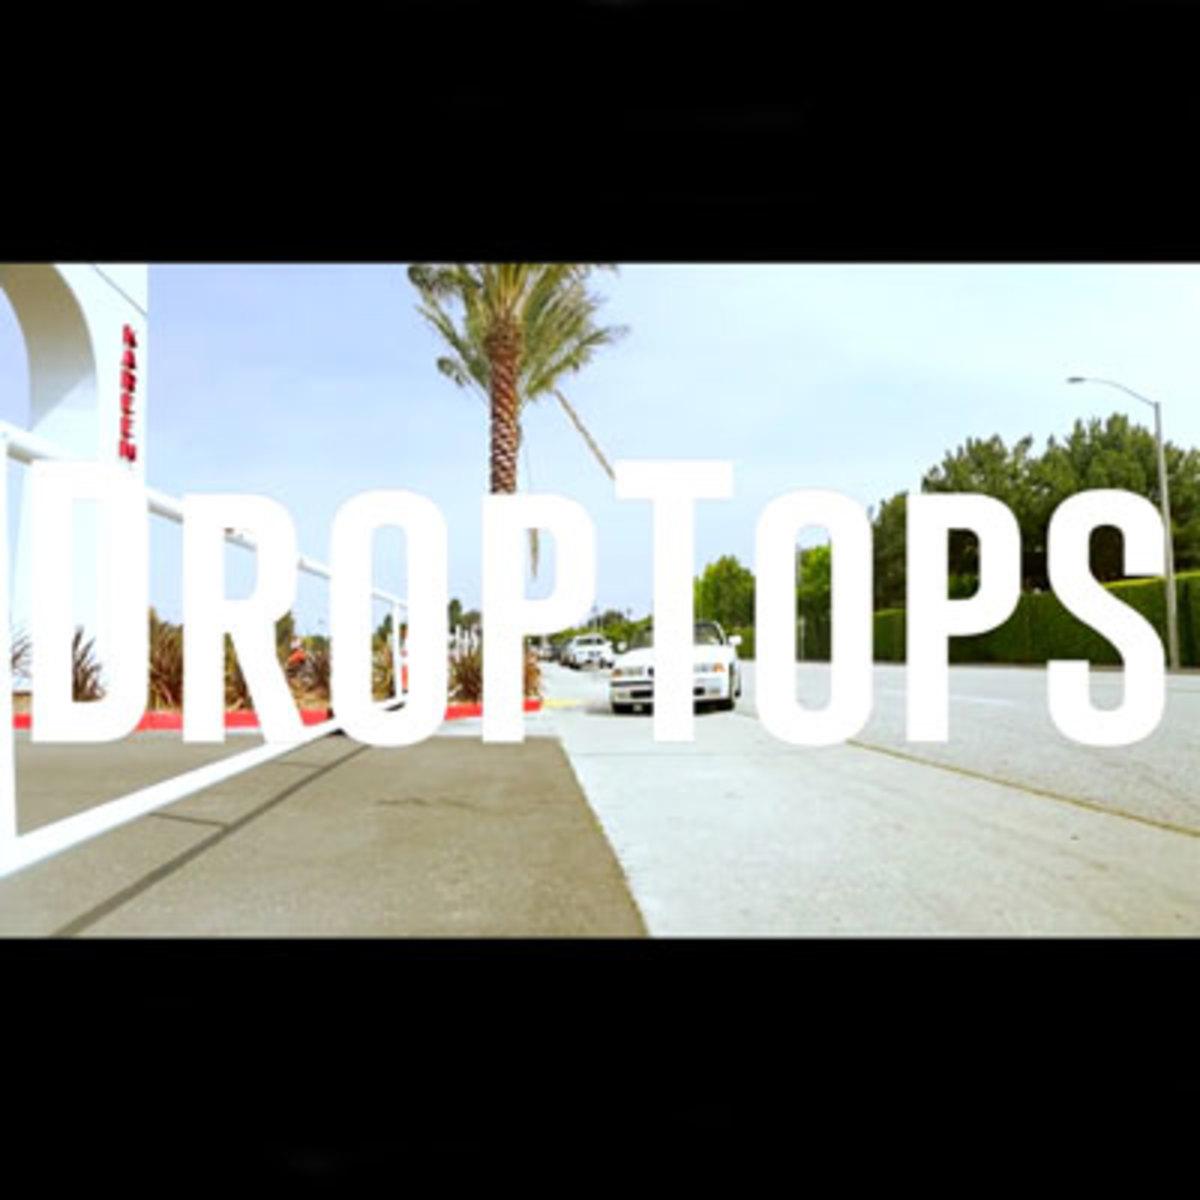 prezsport-droptops.jpg